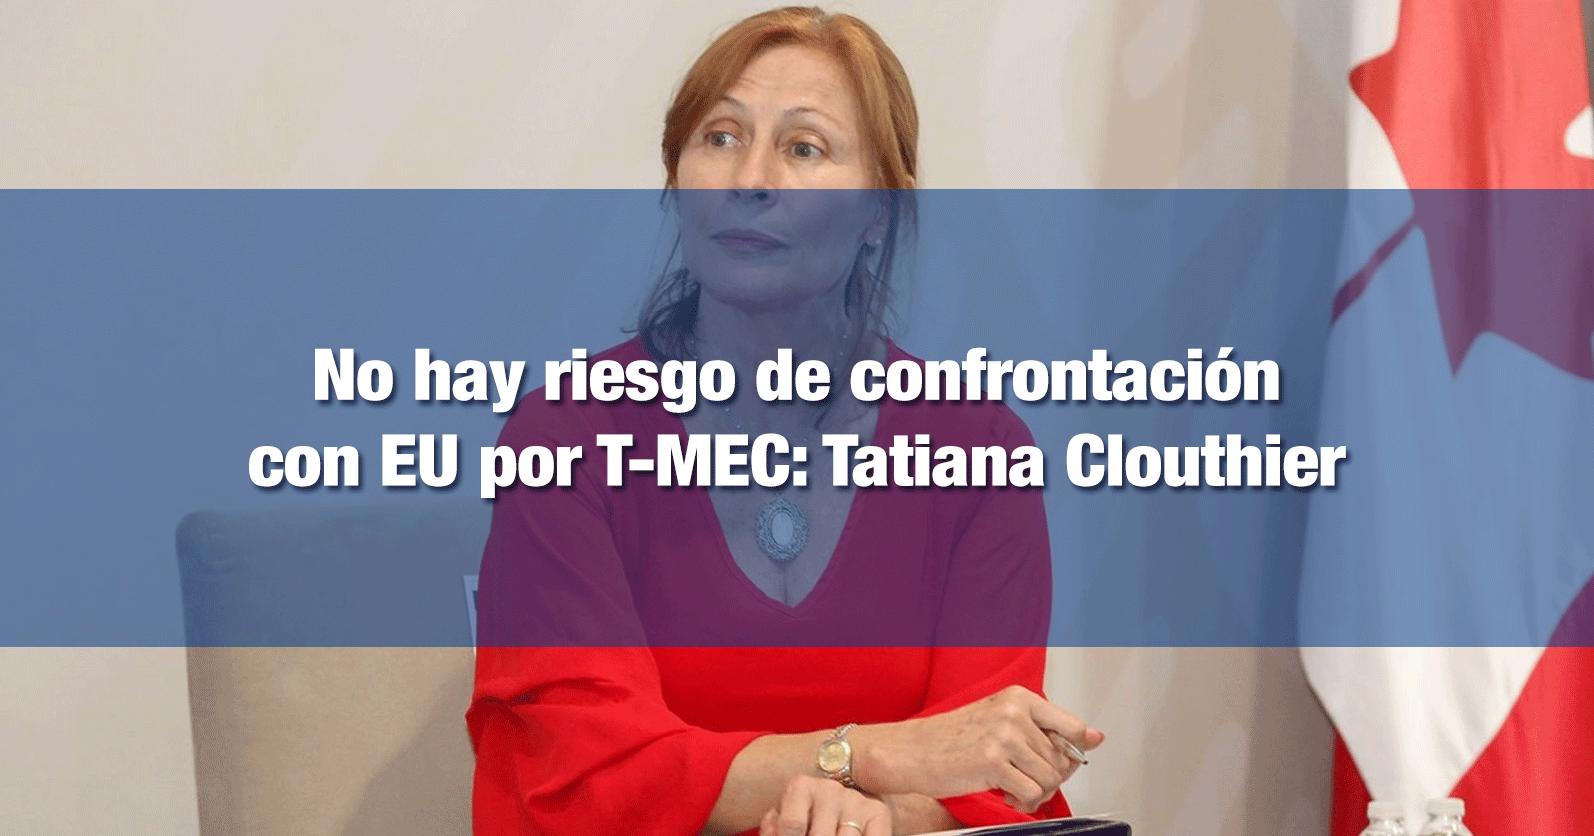 No hay riesgo de confrontación con EU por T-MEC: Tatiana Clouthier